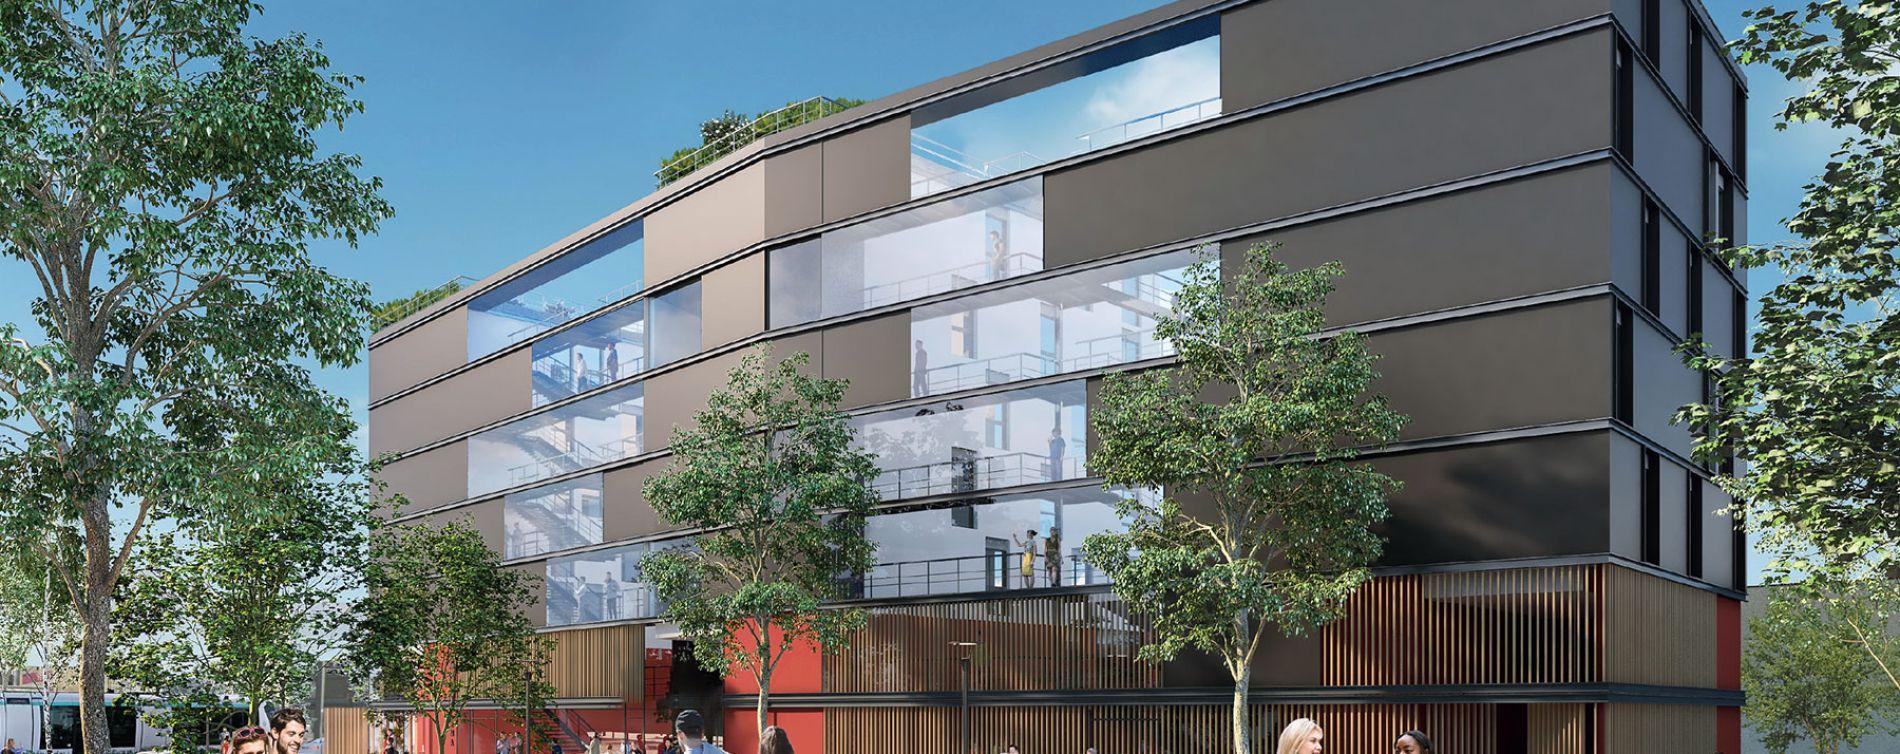 Résidence Campus Léna à Pierrefitte-sur-Seine